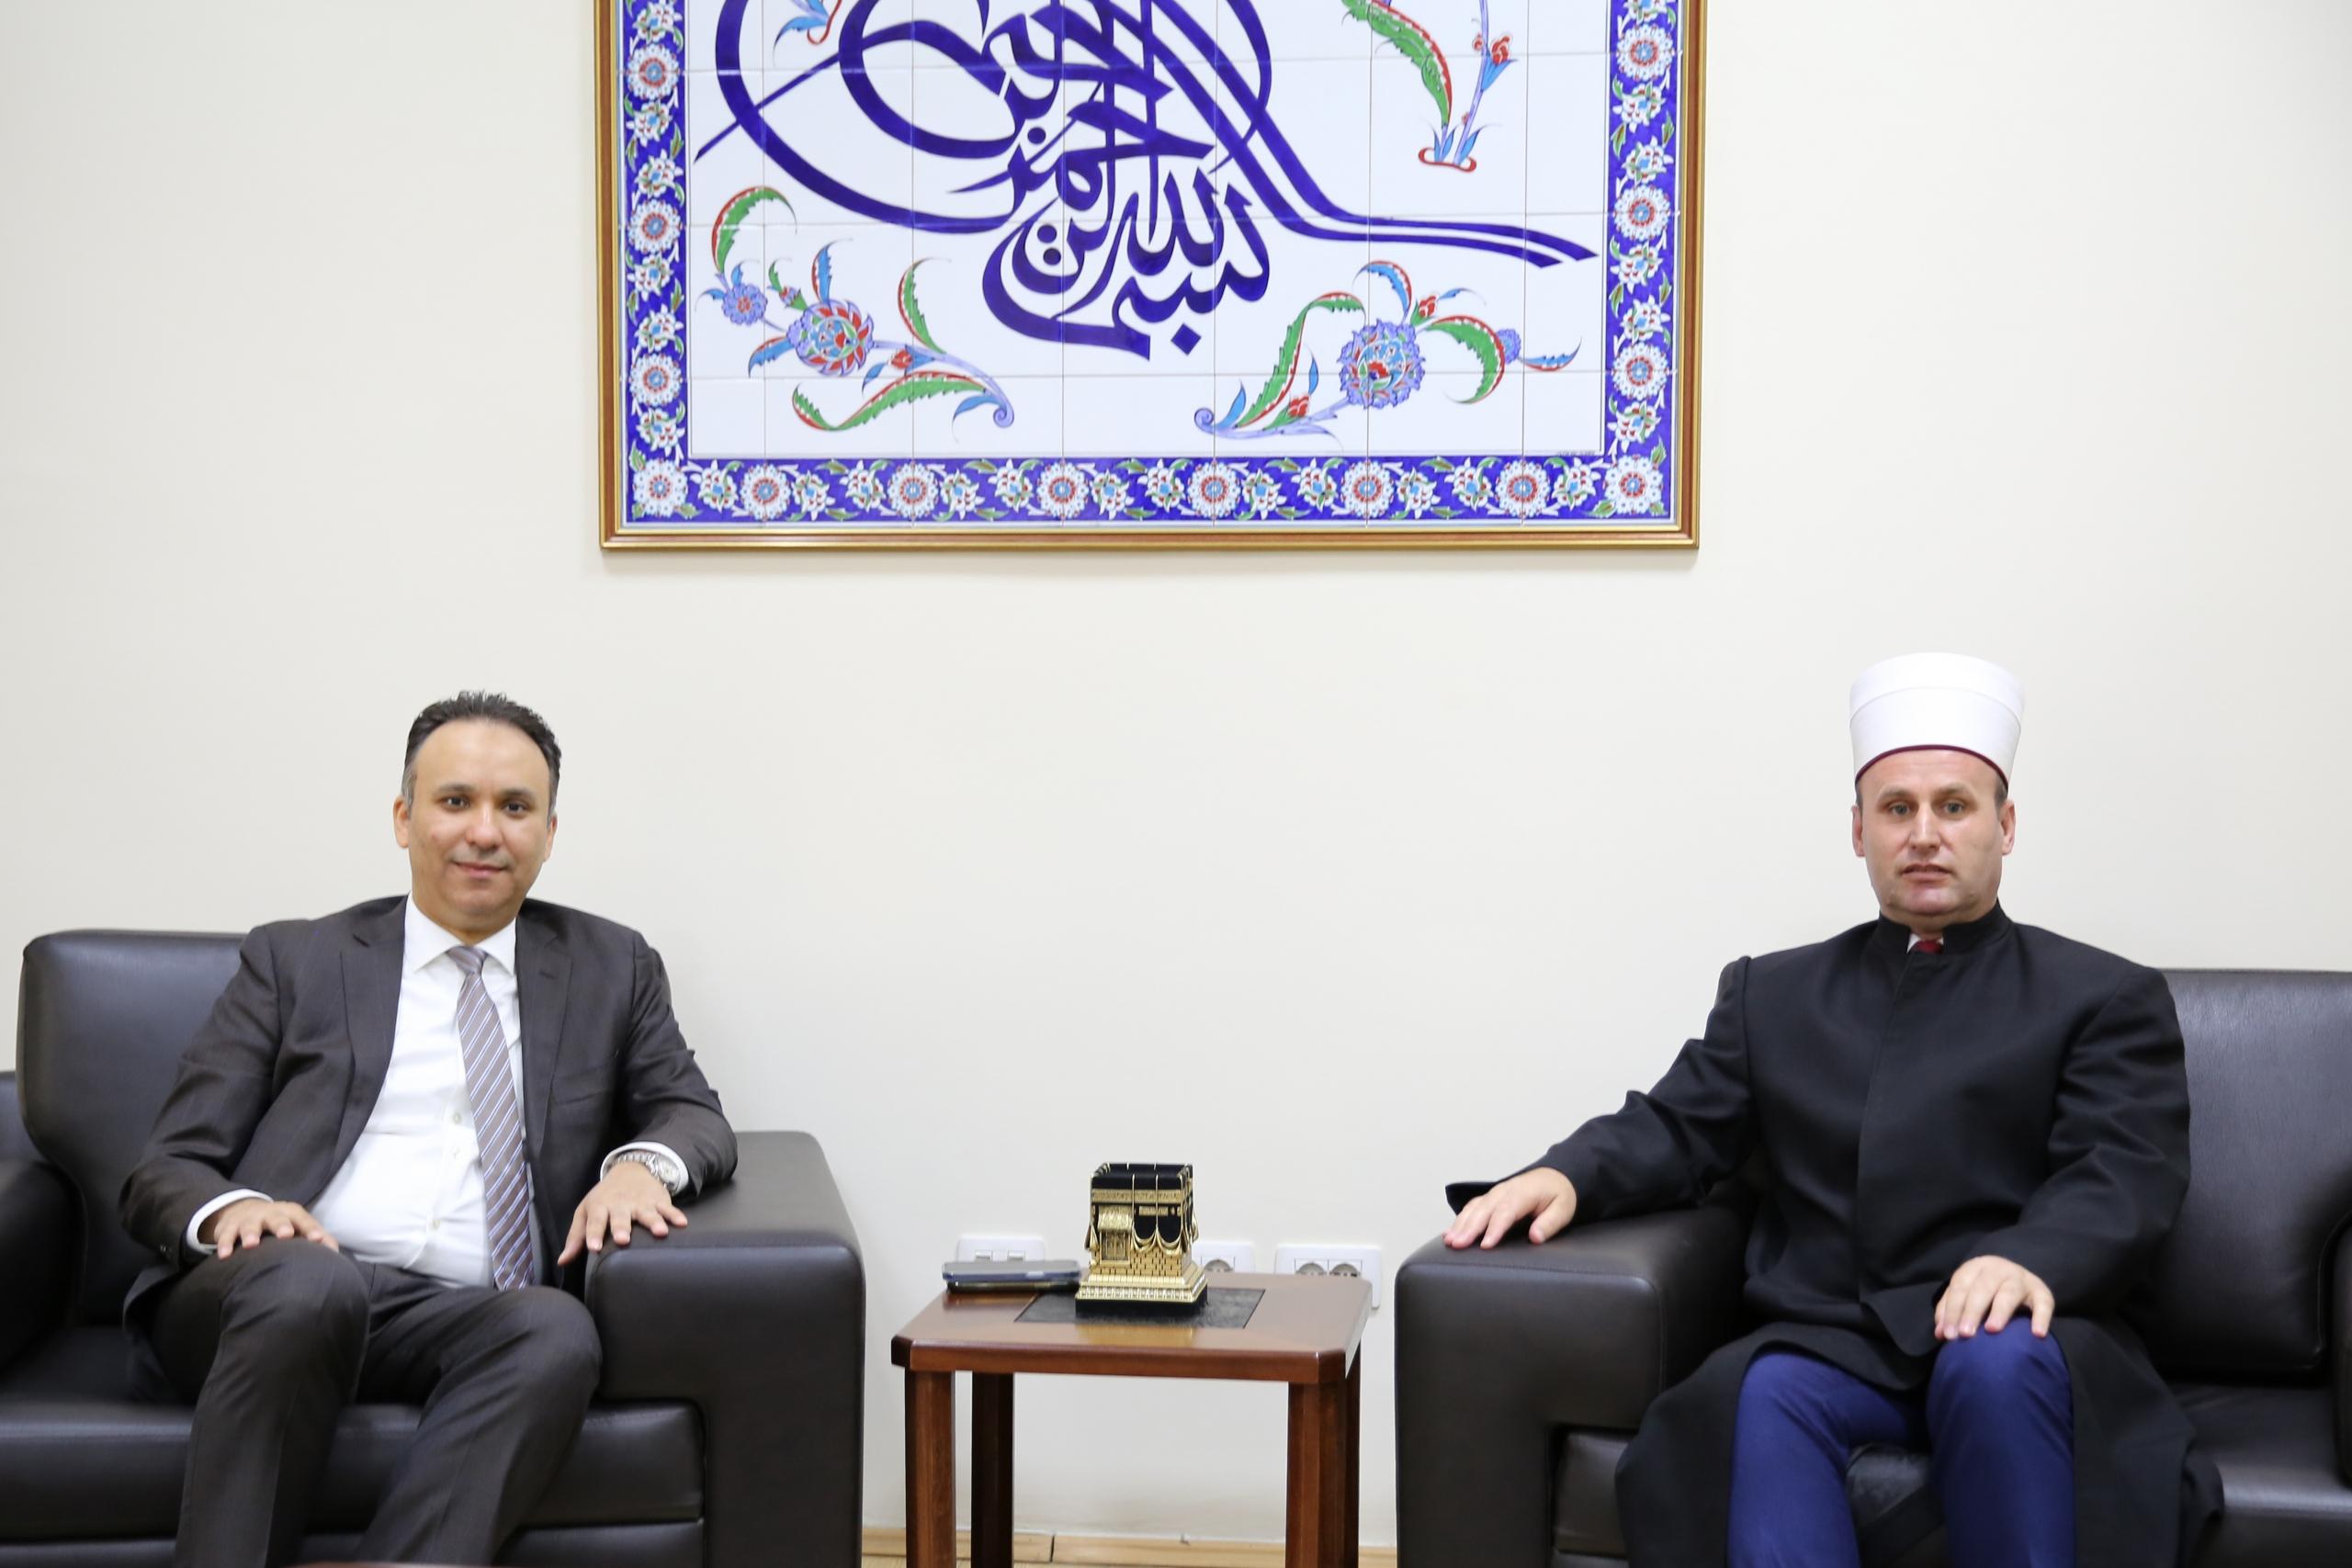 Ambasadori i Mbretërisë së Arabisë Saudite vizitë në KMSH.